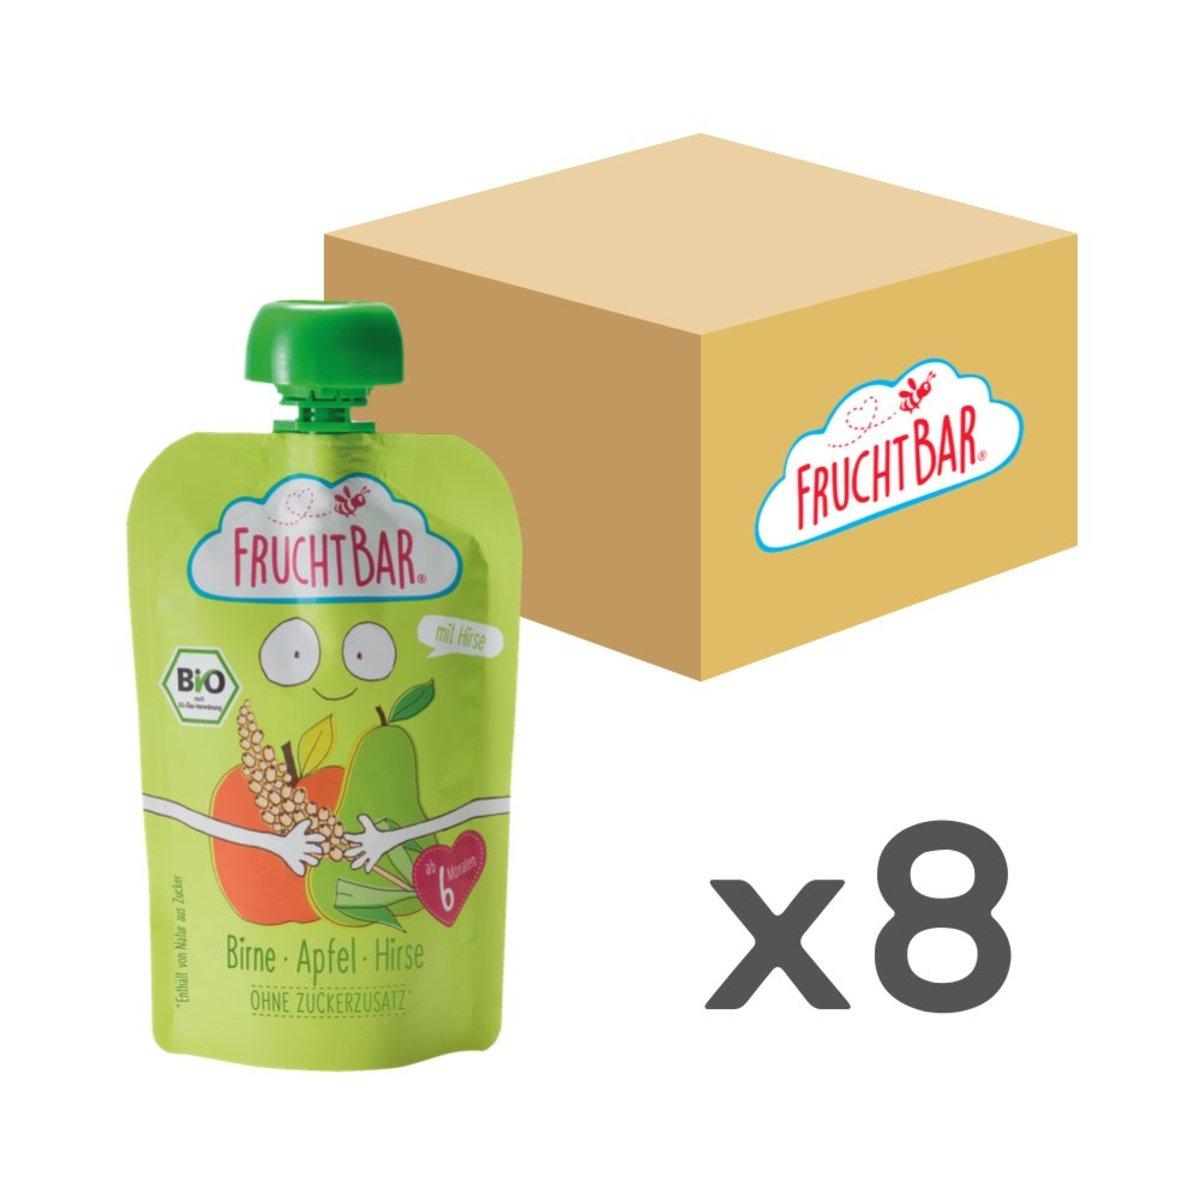 [原箱] 有機穀物果蓉 - 啤梨蘋果小米 100g x8